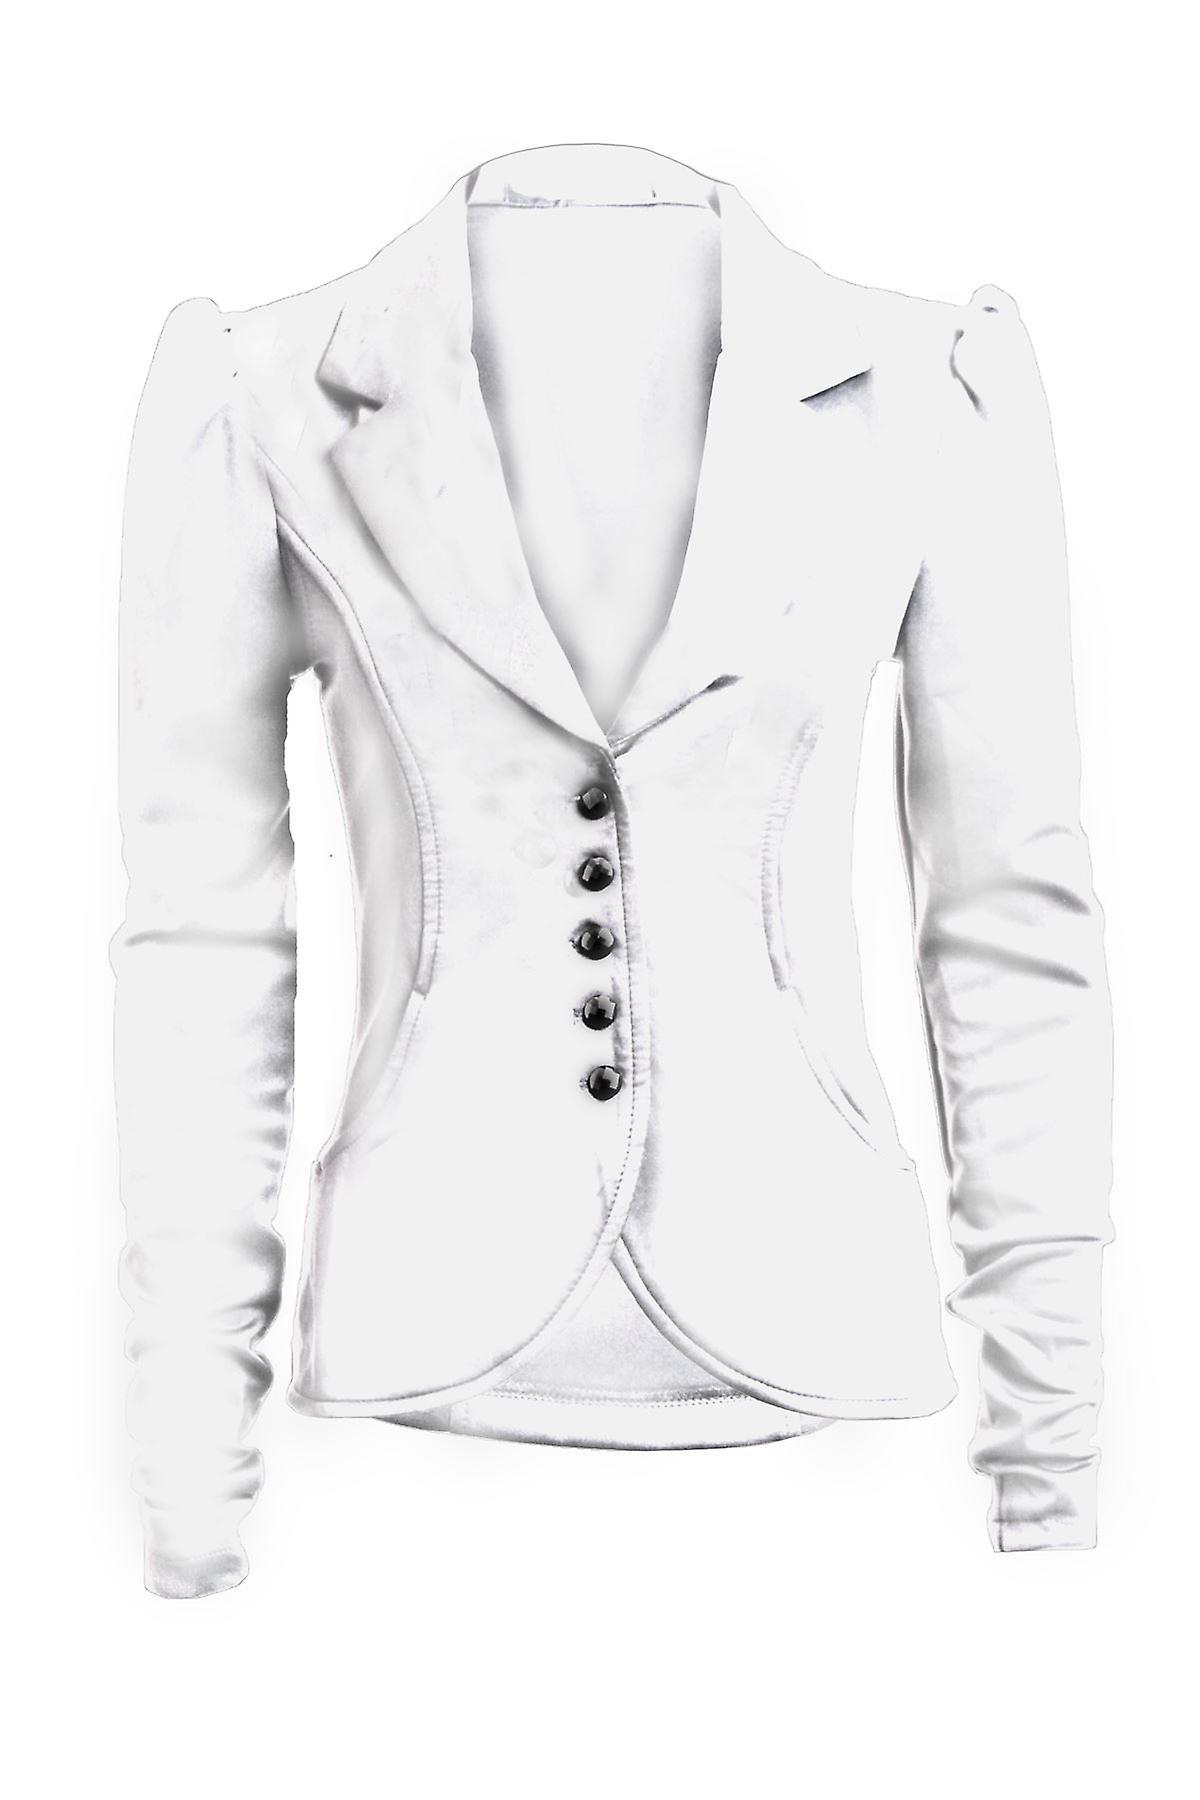 Uusi hyvät pitkä hiha 5 painiketta Slim Fit fiksut taskut naisten bleiseri